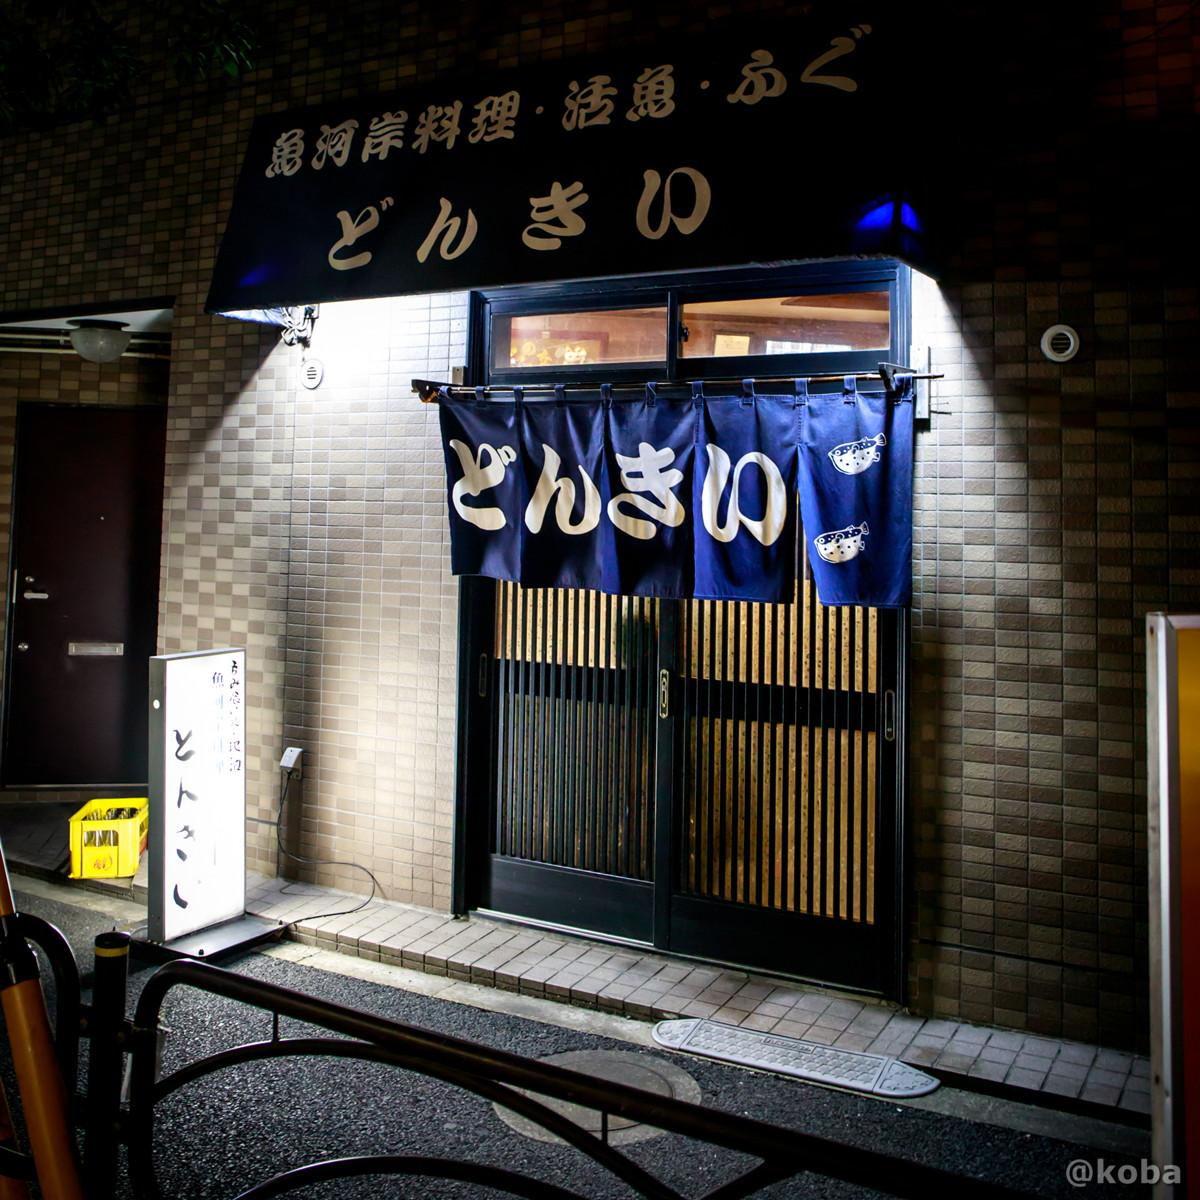 外観の写真│どんきい│和食(魚河岸料理・活魚・ふぐ)居酒屋│東京葛飾区・新小岩駅│こばフォトブログ@koba